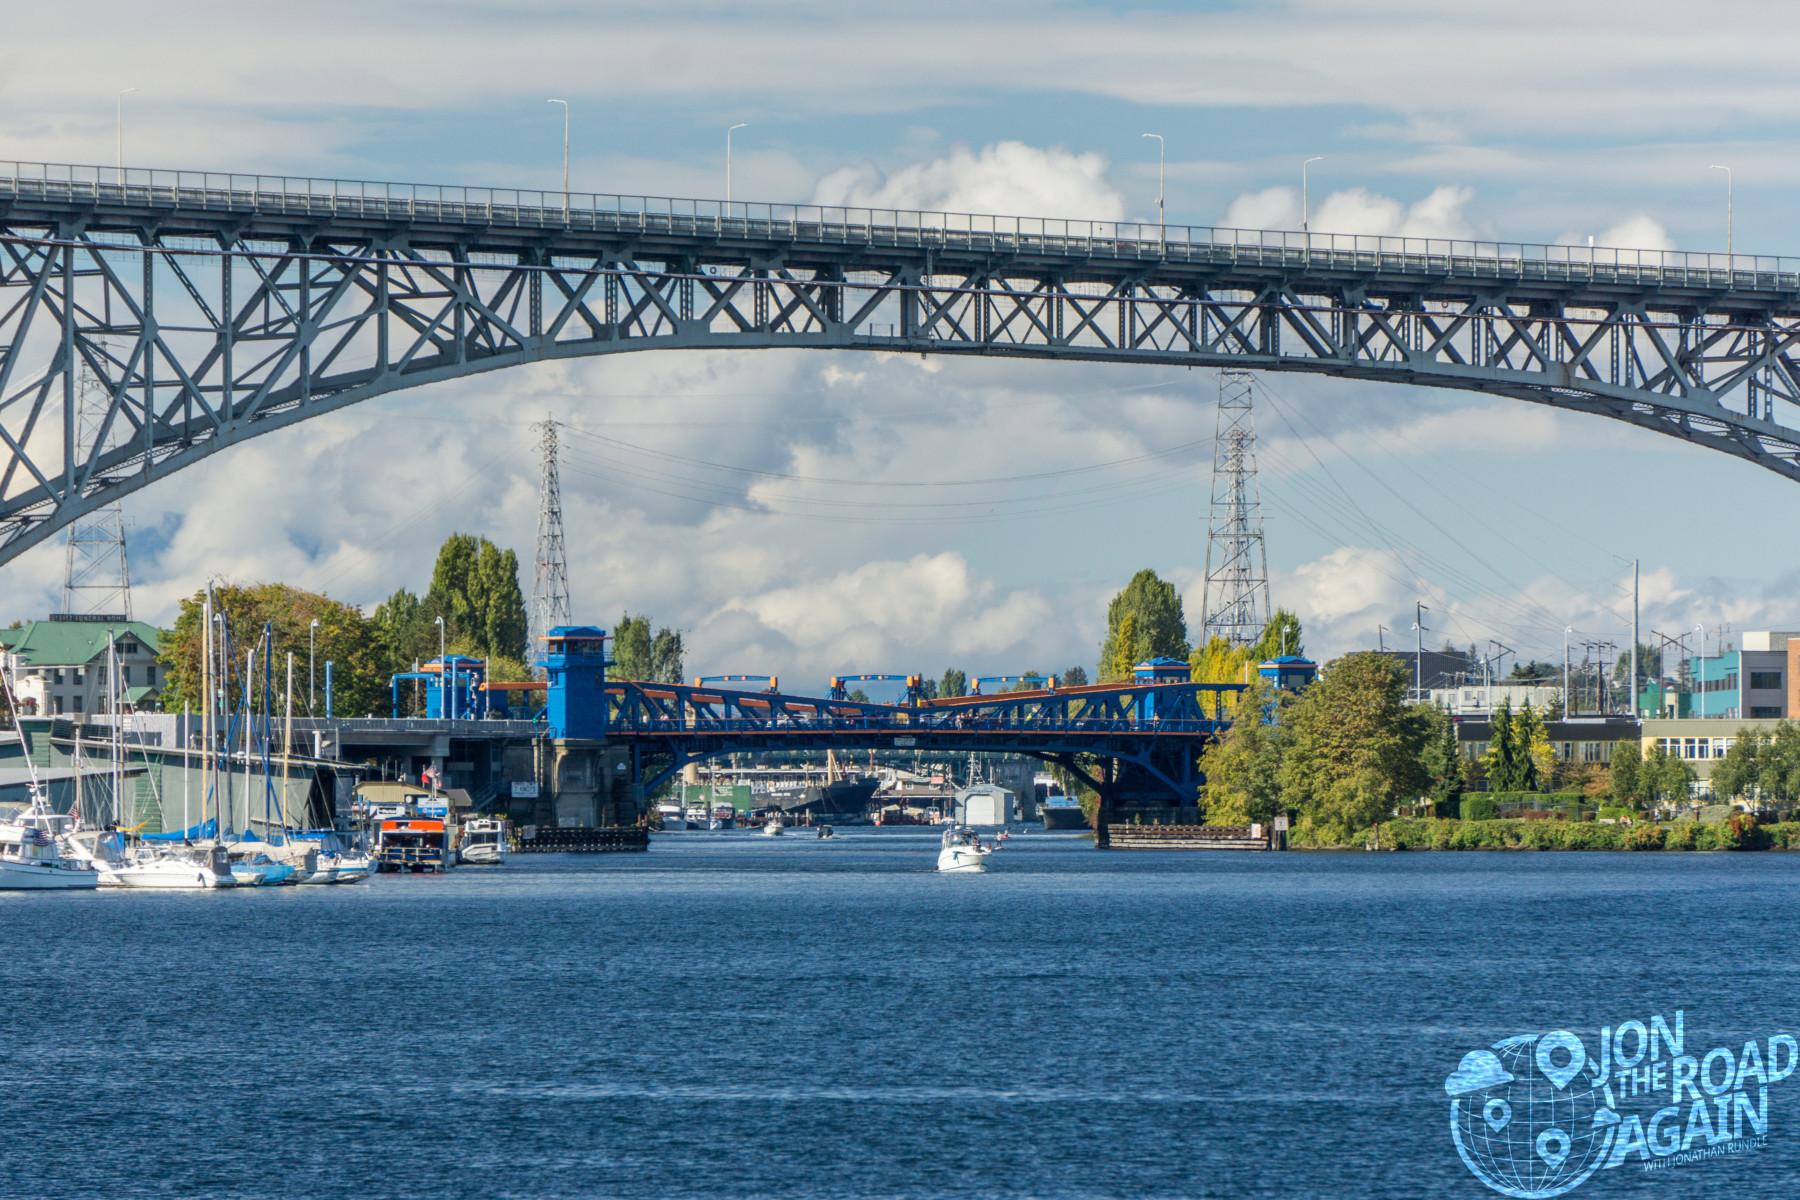 George Washington Bride and Fremont Bridge from Lake Union